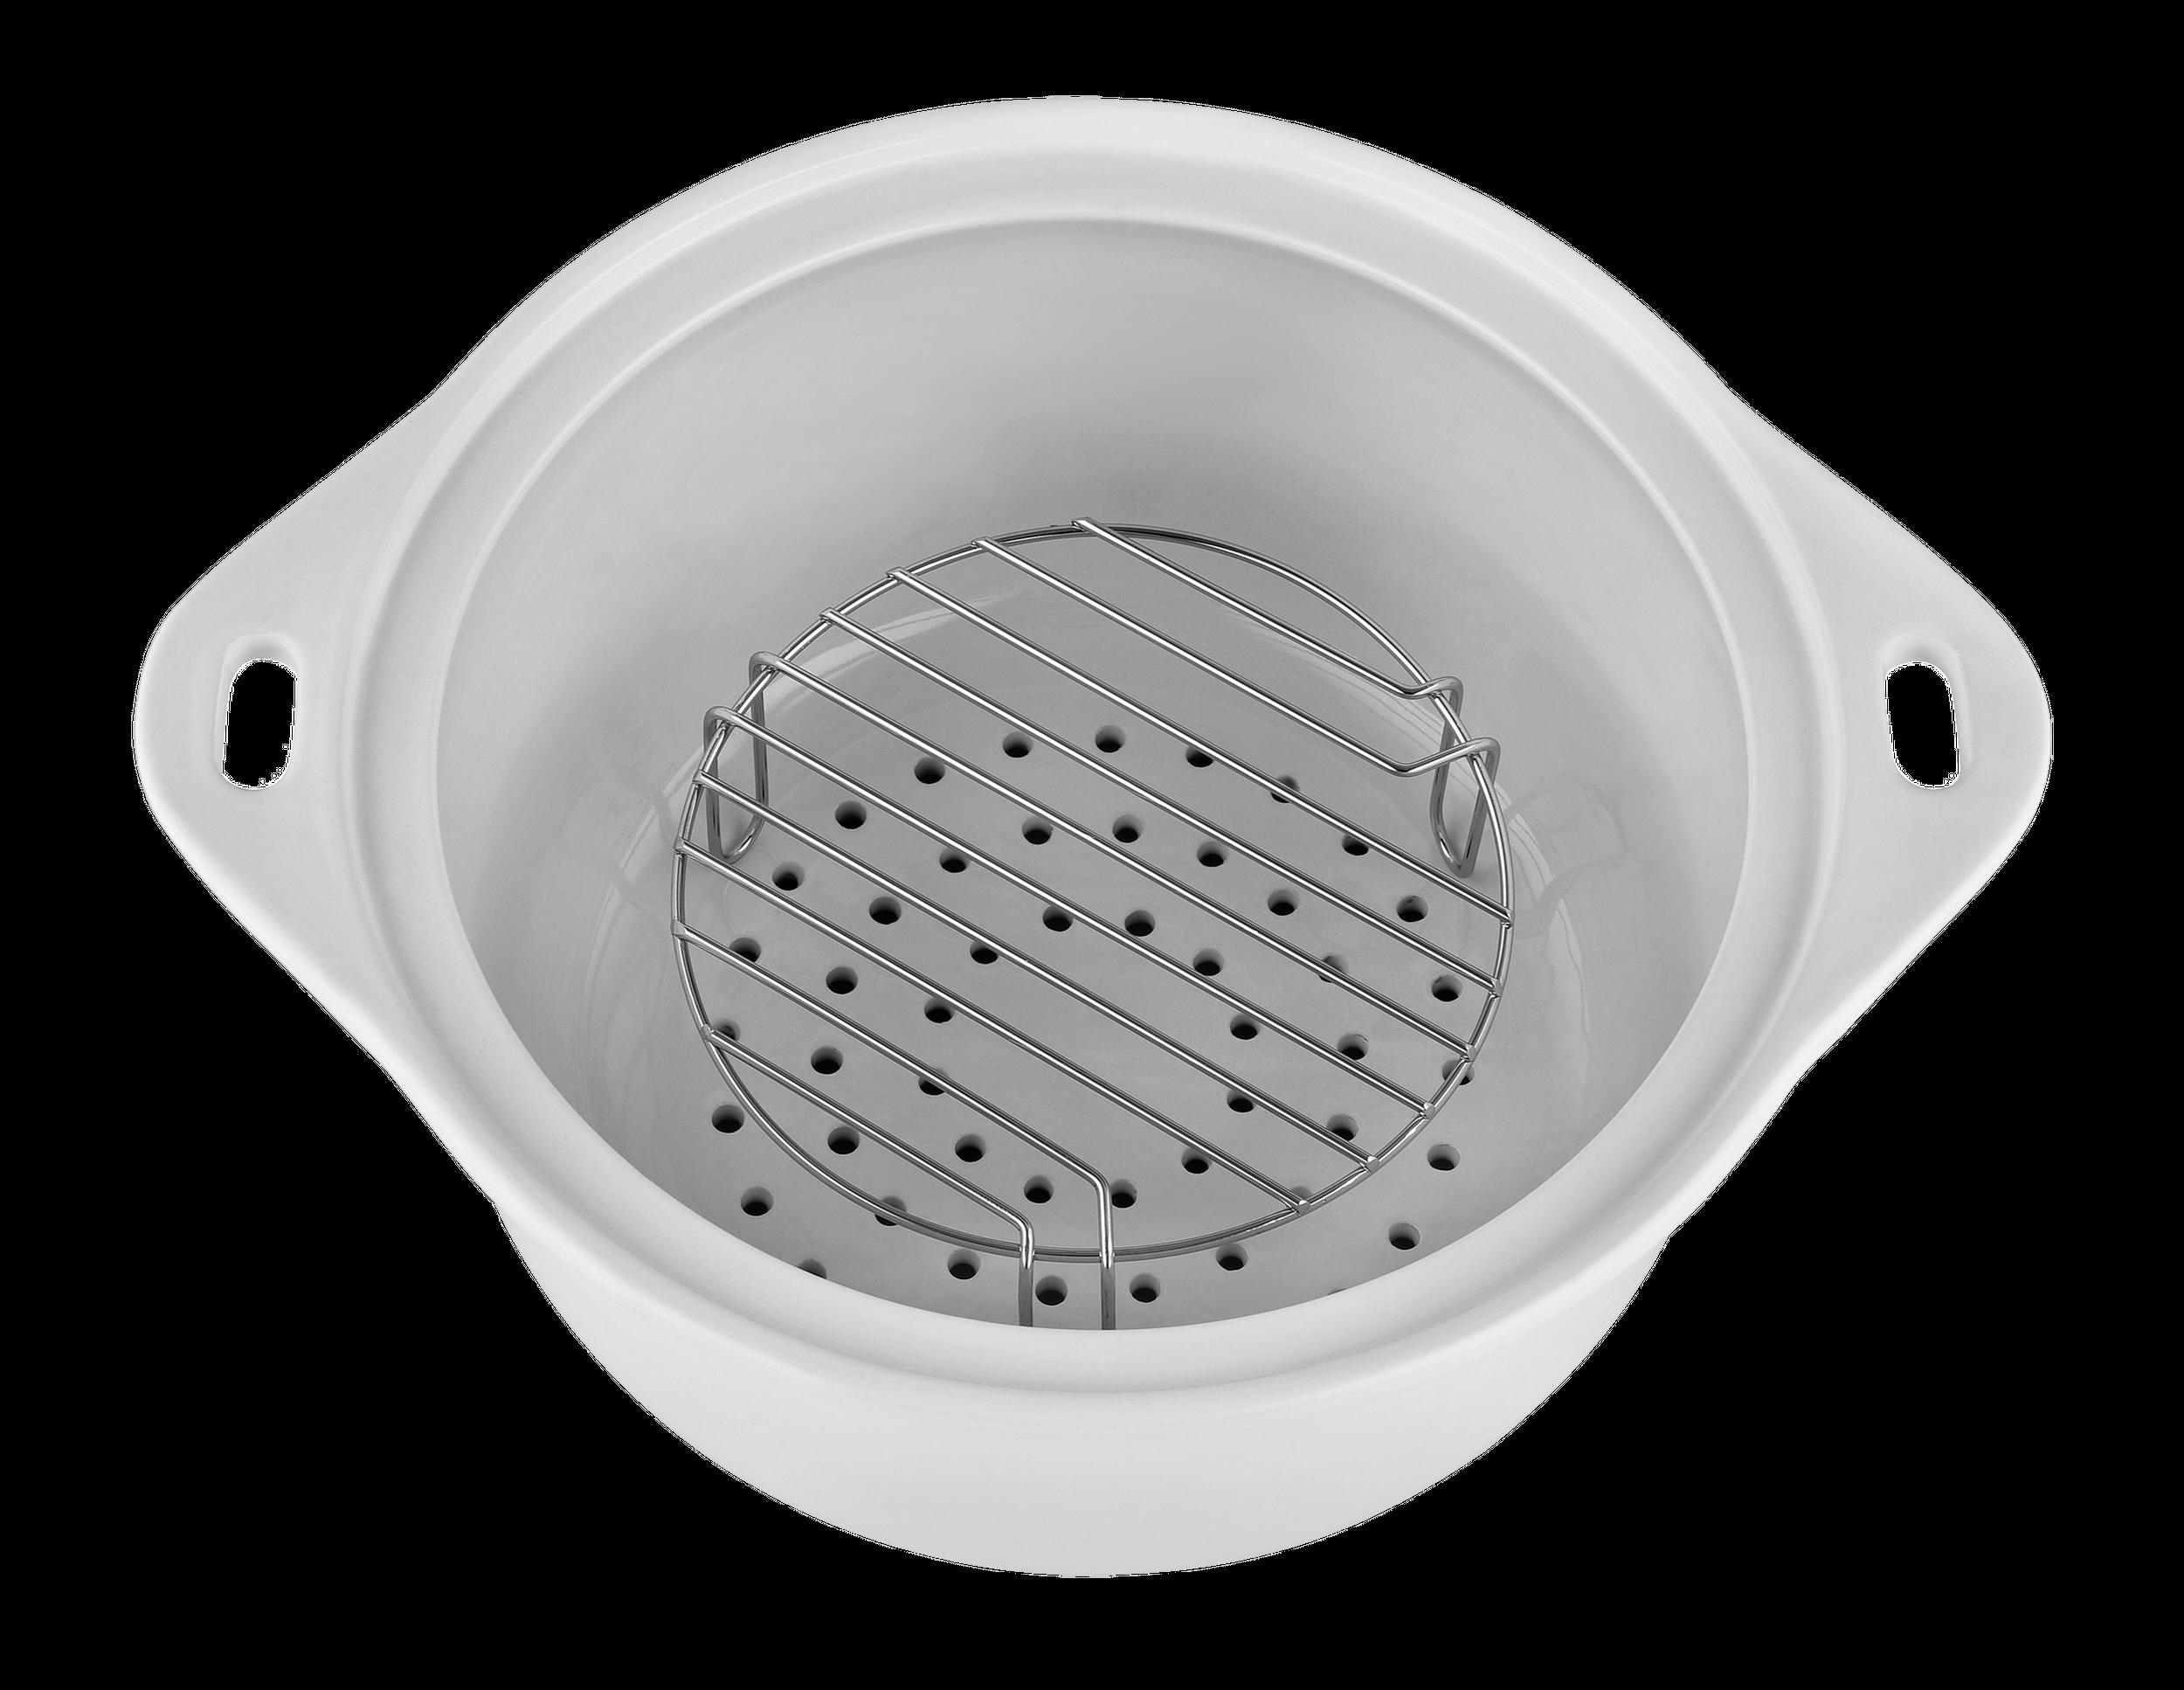 KERAMIK Dampfgarer BPA-frei Timer One-Touch-Bedienung 4,5 L Dünsten Kochen Garen Dämpfen*83900 Bild 8